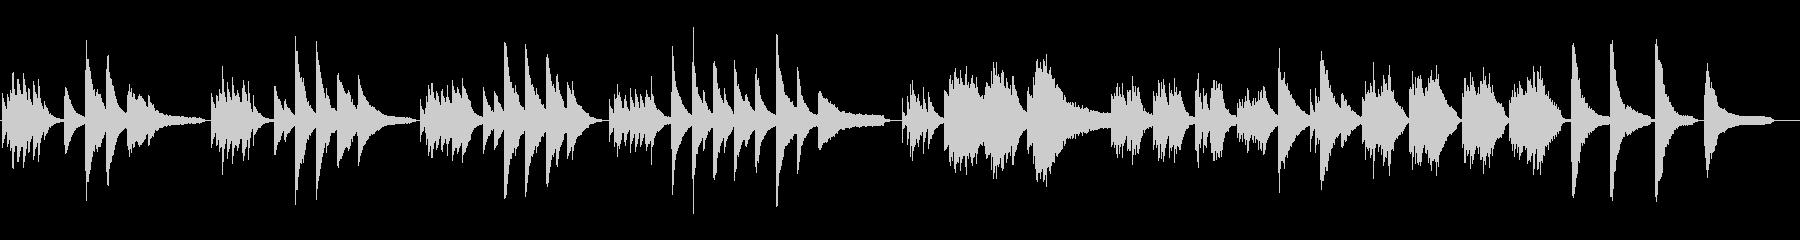 KANTピアノソロ2疑問と鬱の未再生の波形